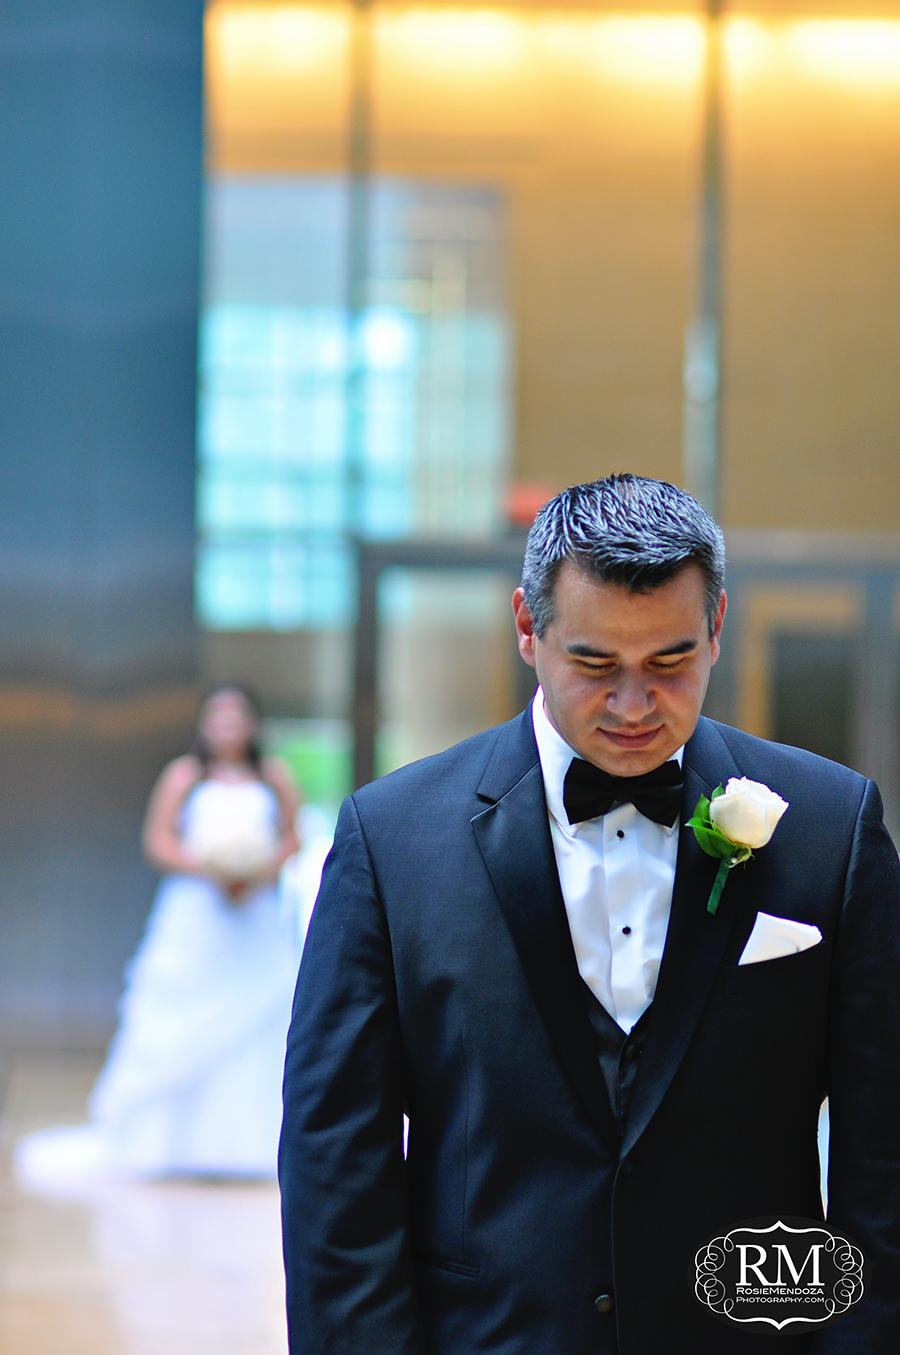 Conrad-Miami-wedding-first-look-photo